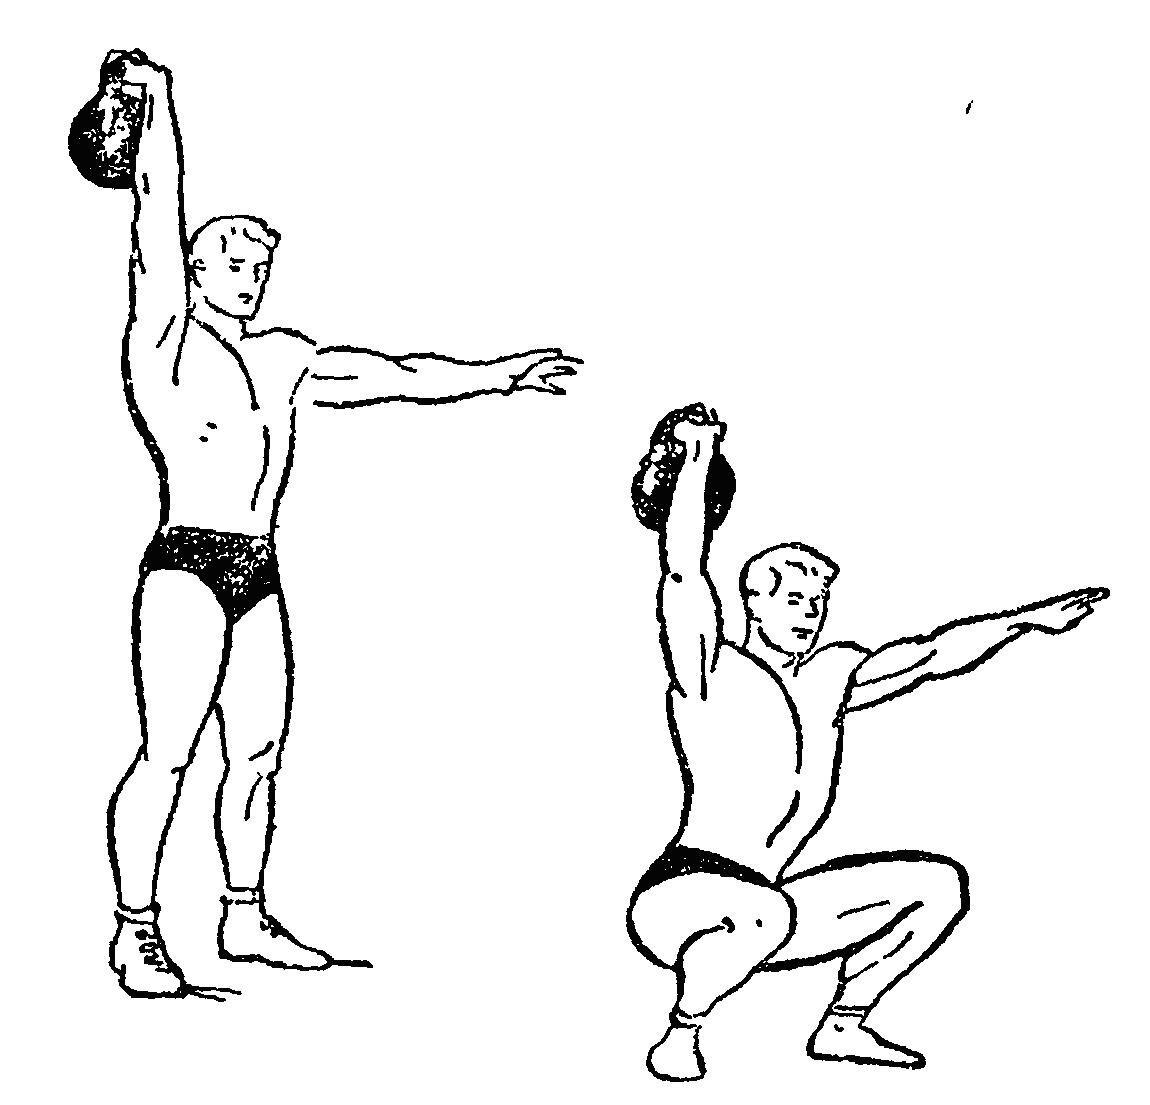 Комплекс упражнений с гирями картинках